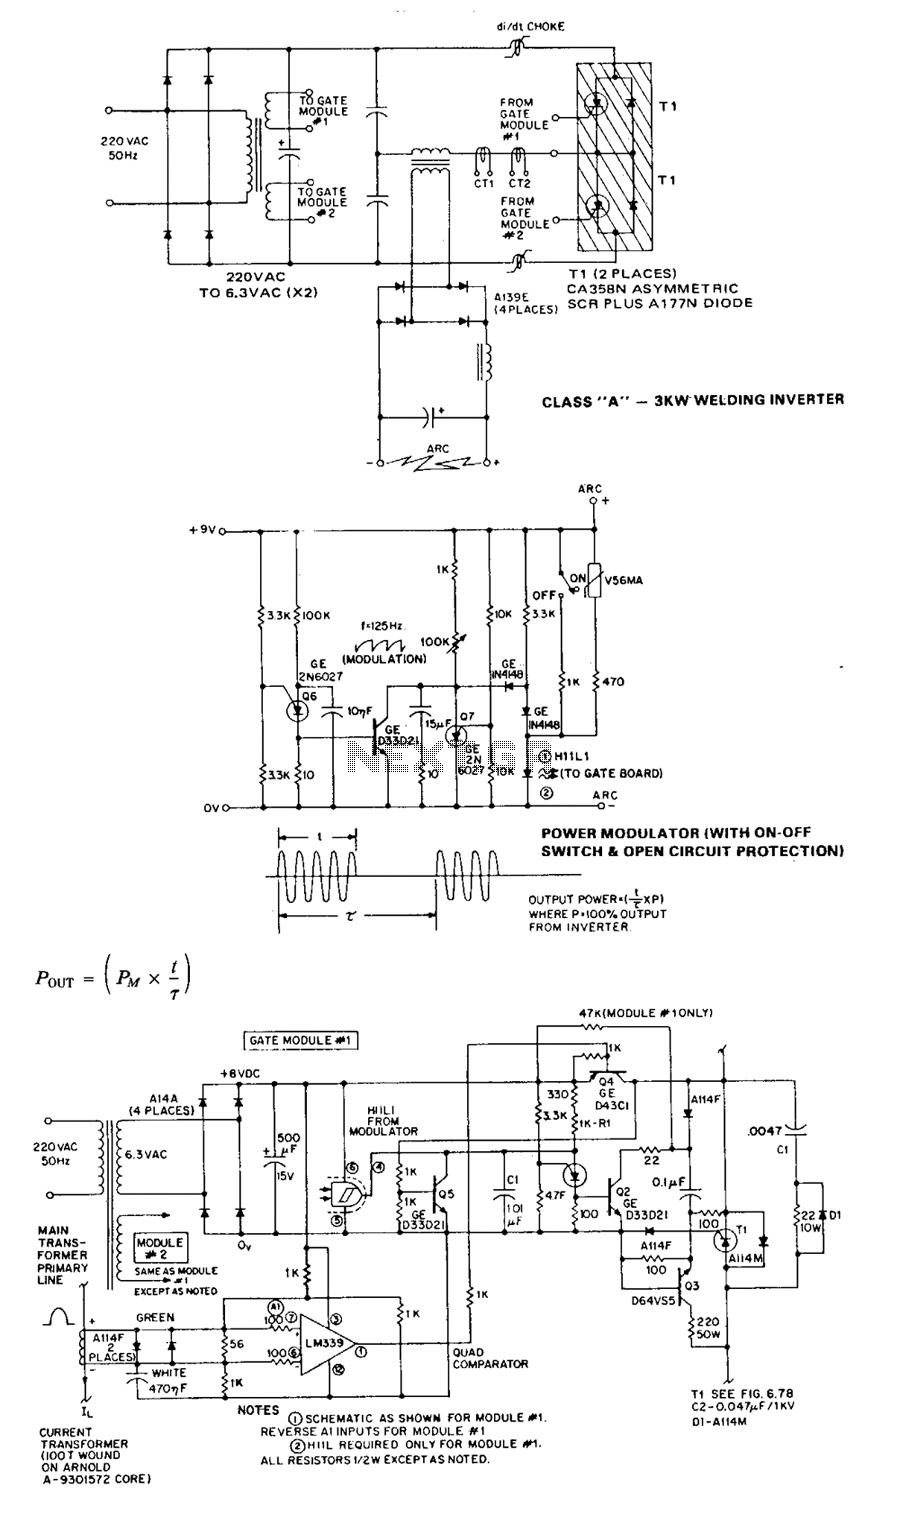 welding generator schematic diagram ot 4702  welding inverter schematic diagram free diagram  welding inverter schematic diagram free